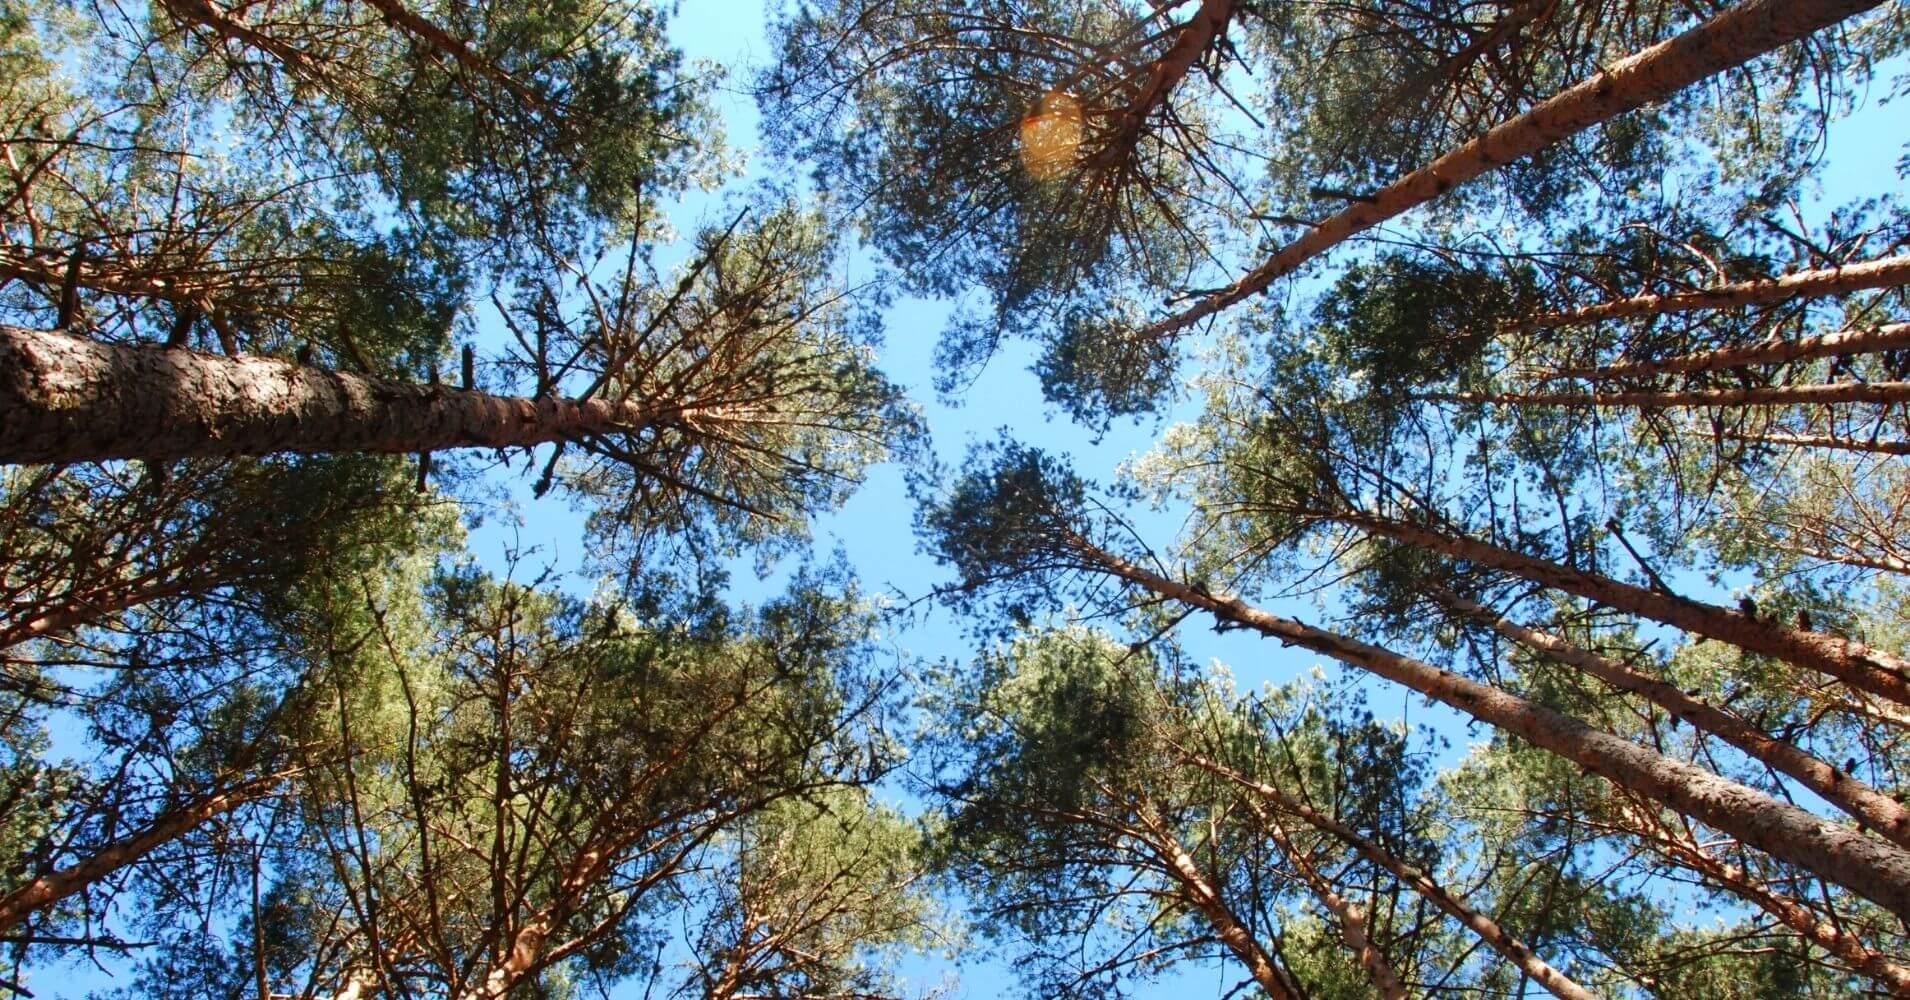 Bosques de Valsaín. Pino Albar o Pino Silvestre. Segovia, Castilla y León.